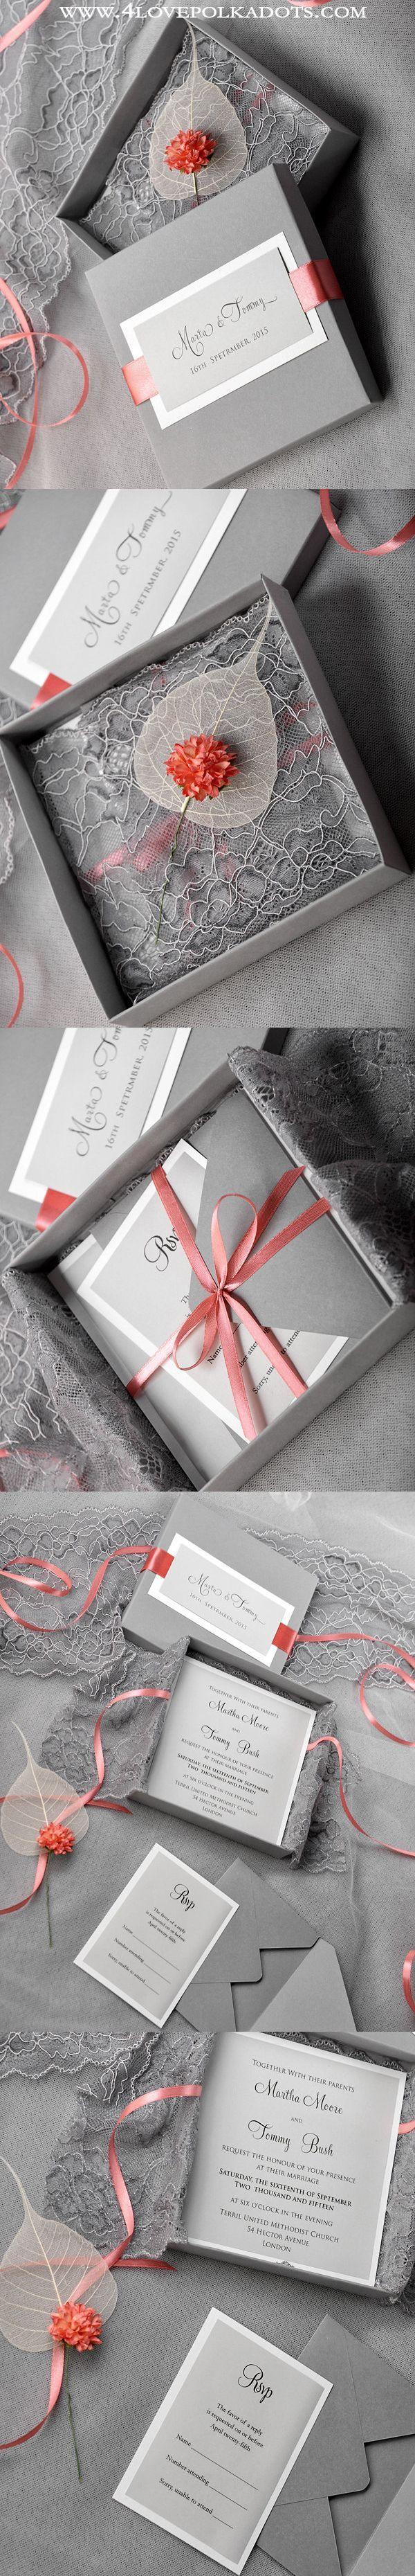 lace wedding invitation wrap%0A Wedding Invitation in a box Grey  u     Lace  weddingideas  vintagewedding   romanticwedding